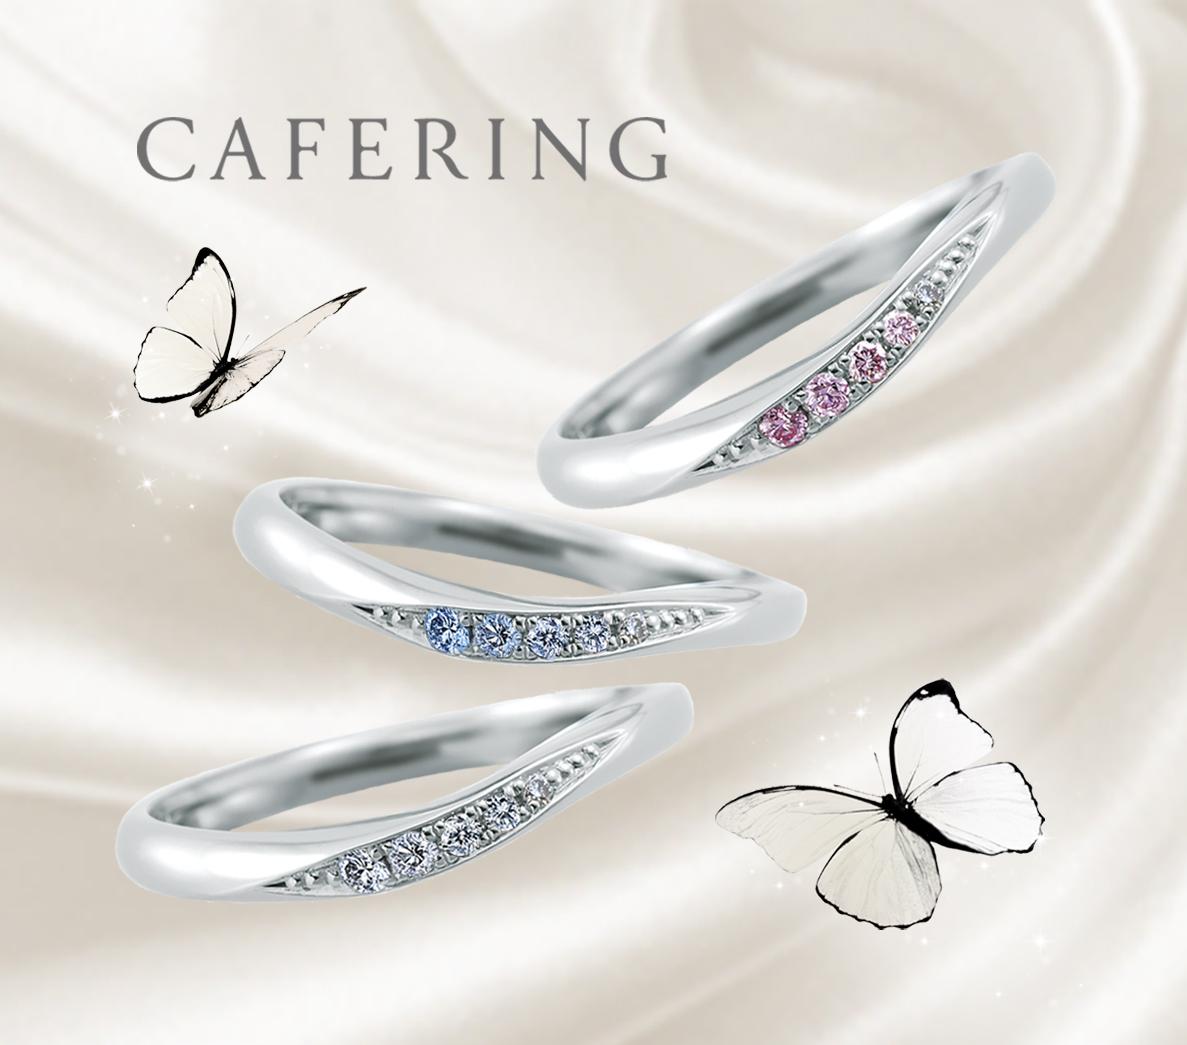 〖CAFERING-カフェリング-〗 男女ともに人気なカラーダイヤモンドの結婚指輪